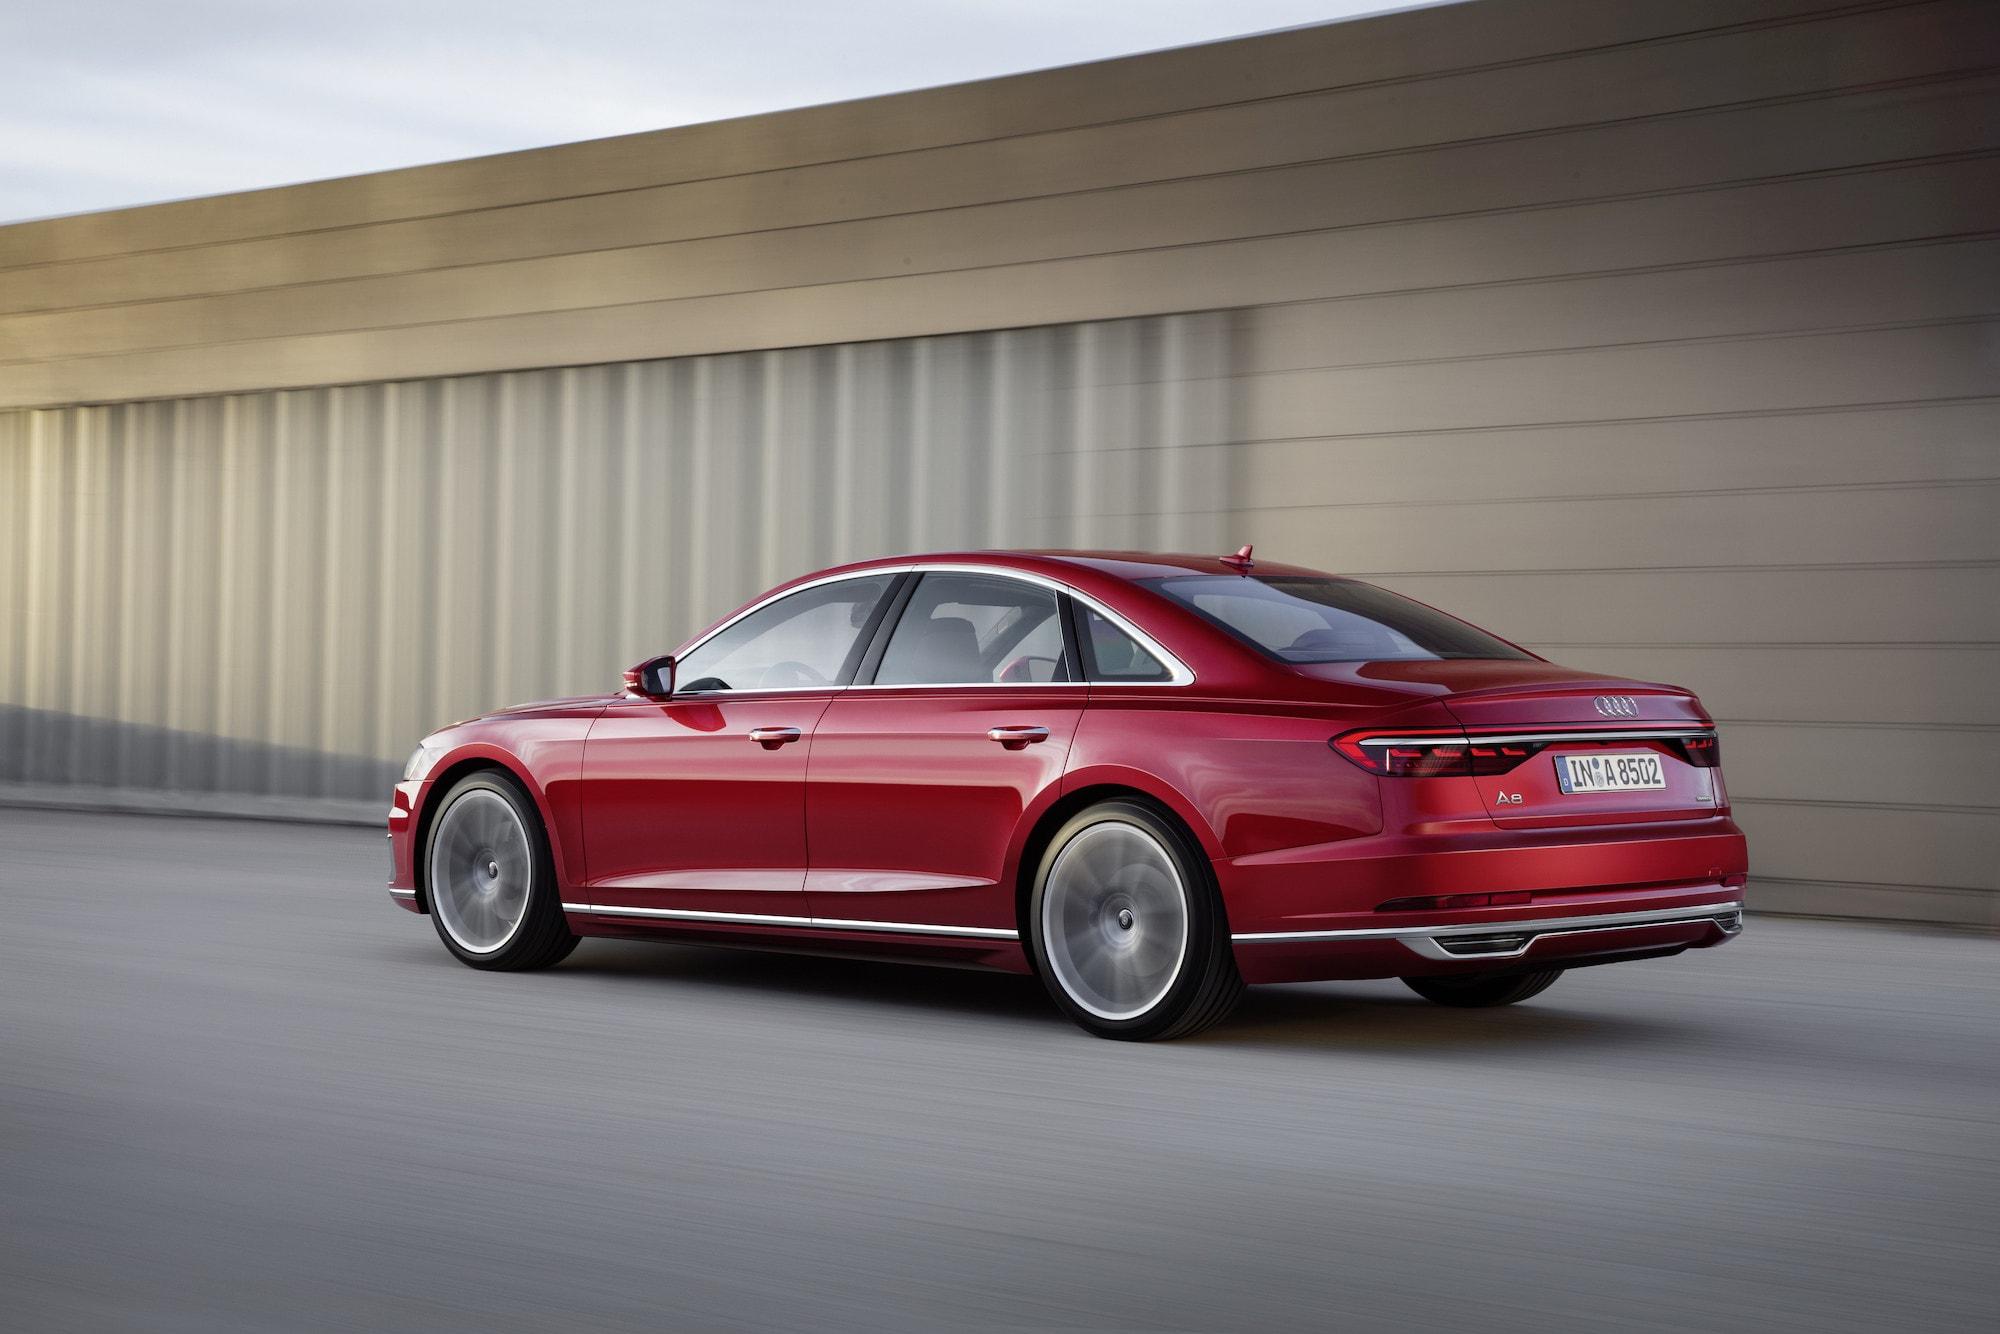 Audi A8 featured